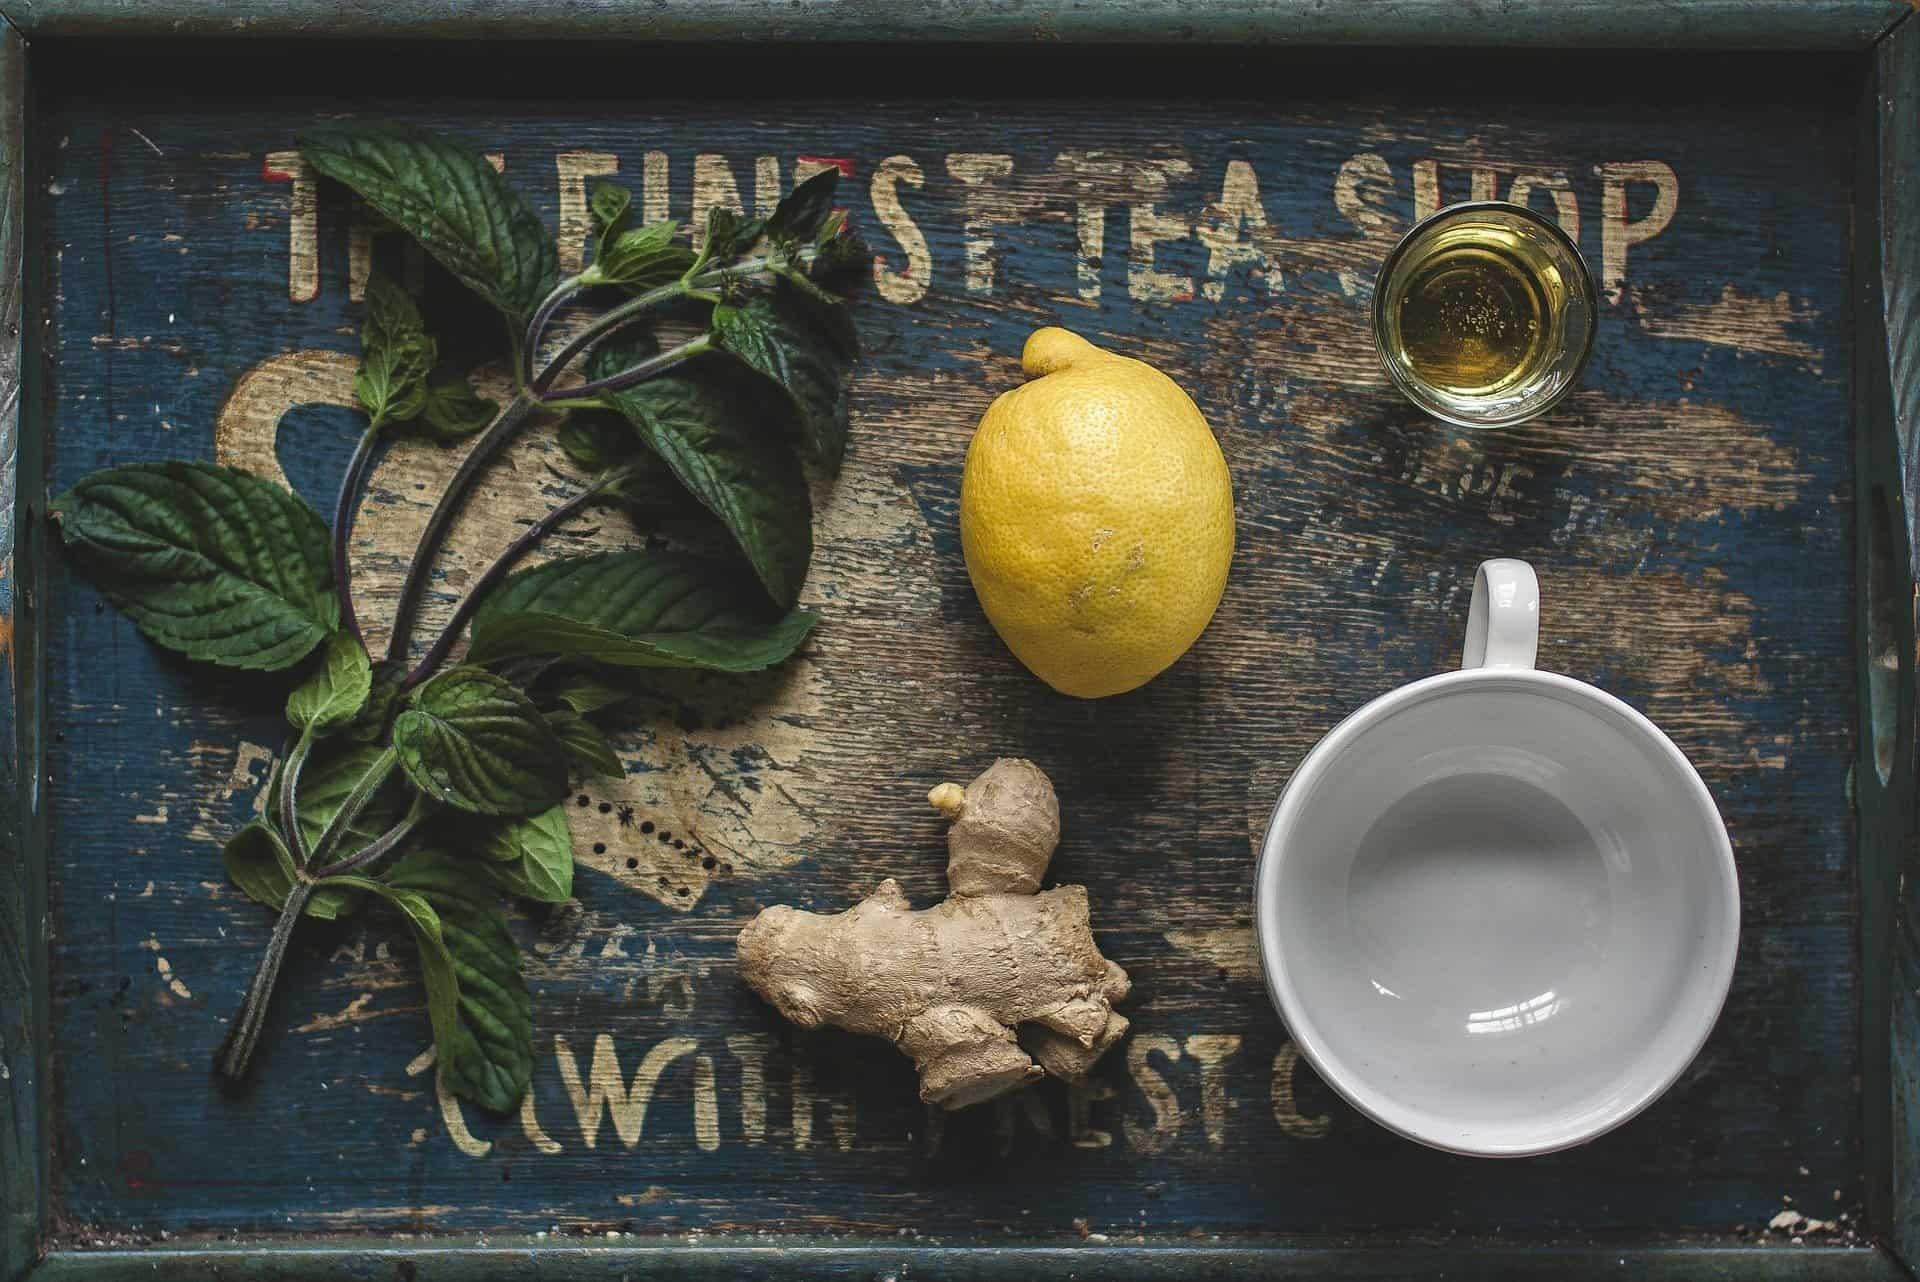 Fotografia de elementos de preparo para chá para ilustração do item